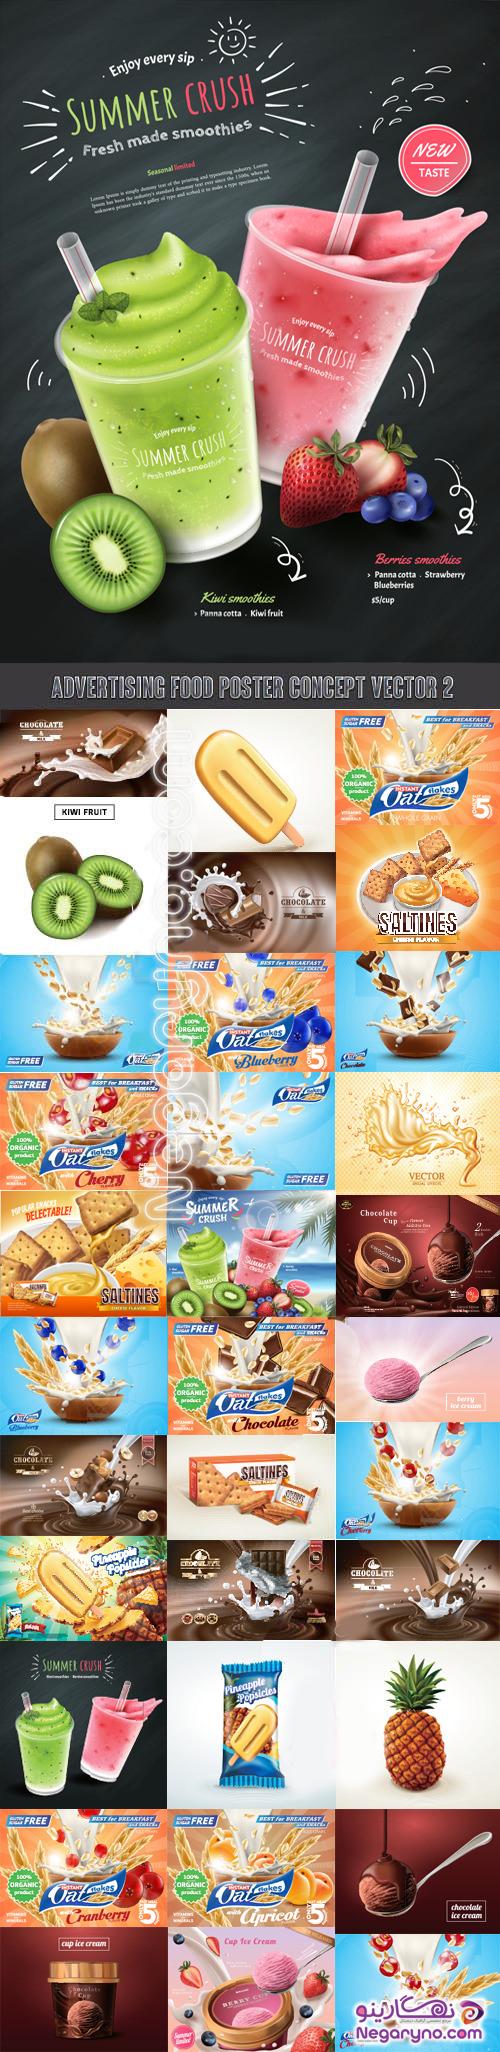 وکتور تبلیغاتی غذا و نوشیدنی پک 2